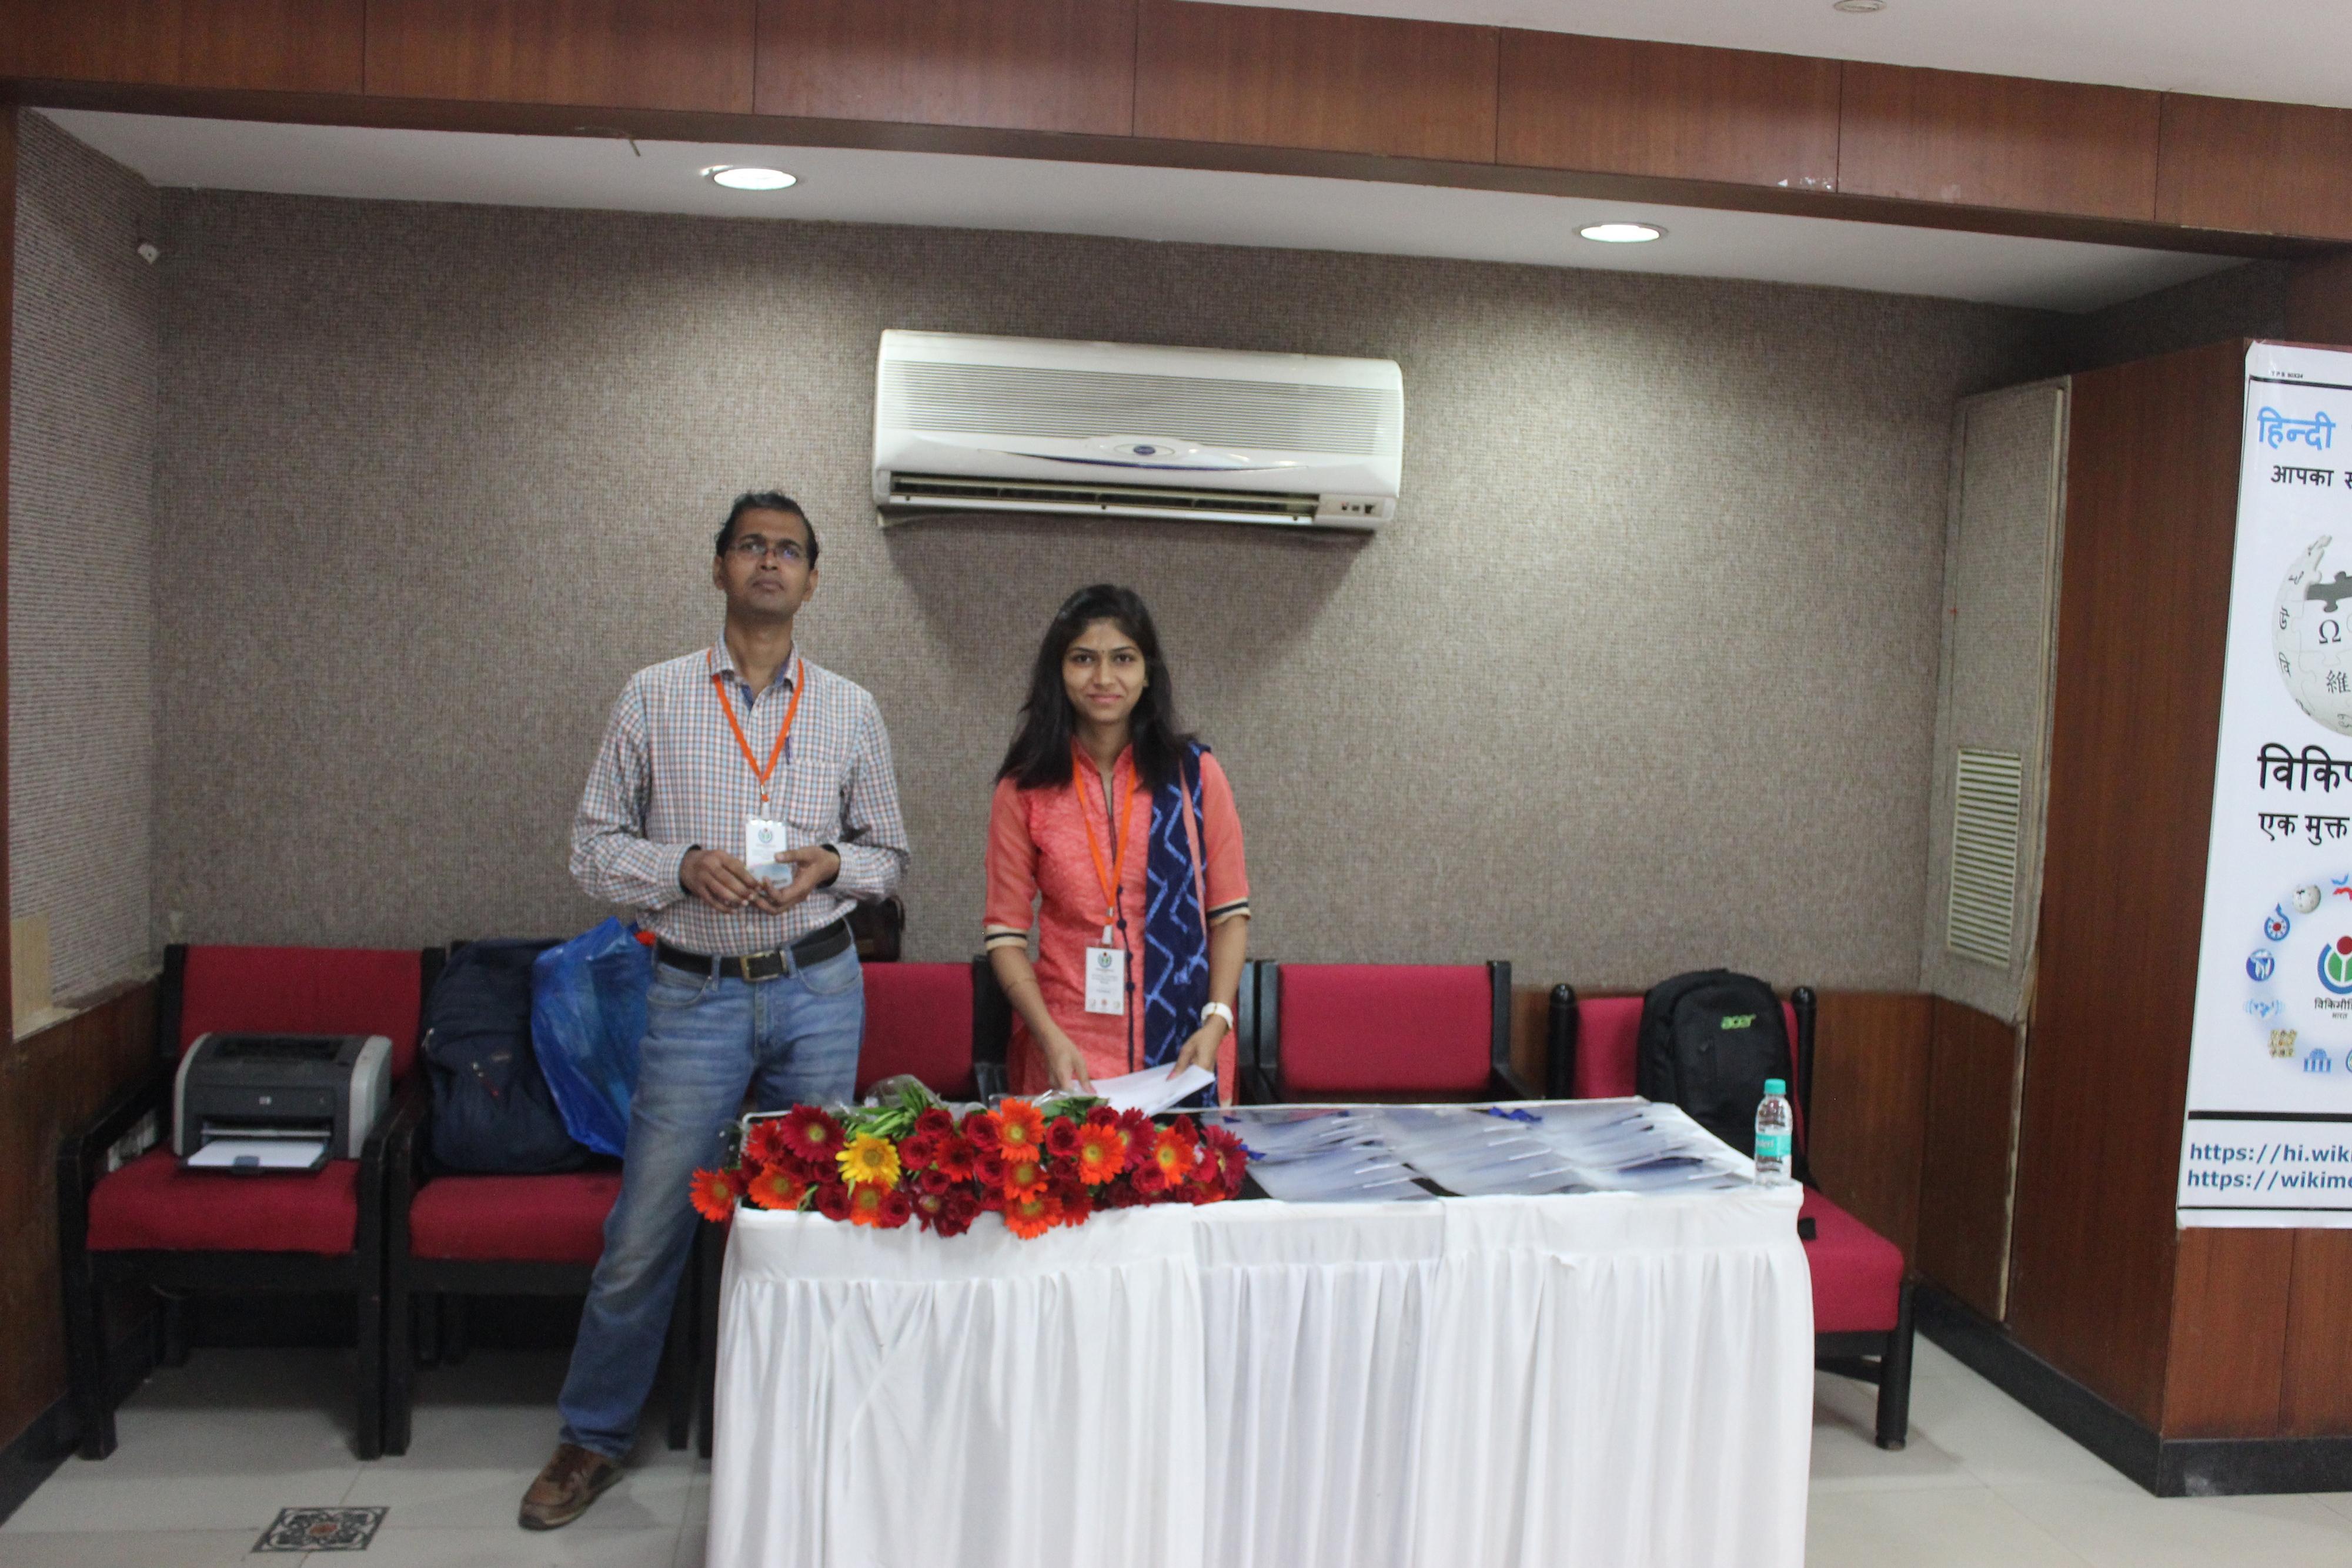 File:Hindi Community Salon for Wikimedia Movement Strategy